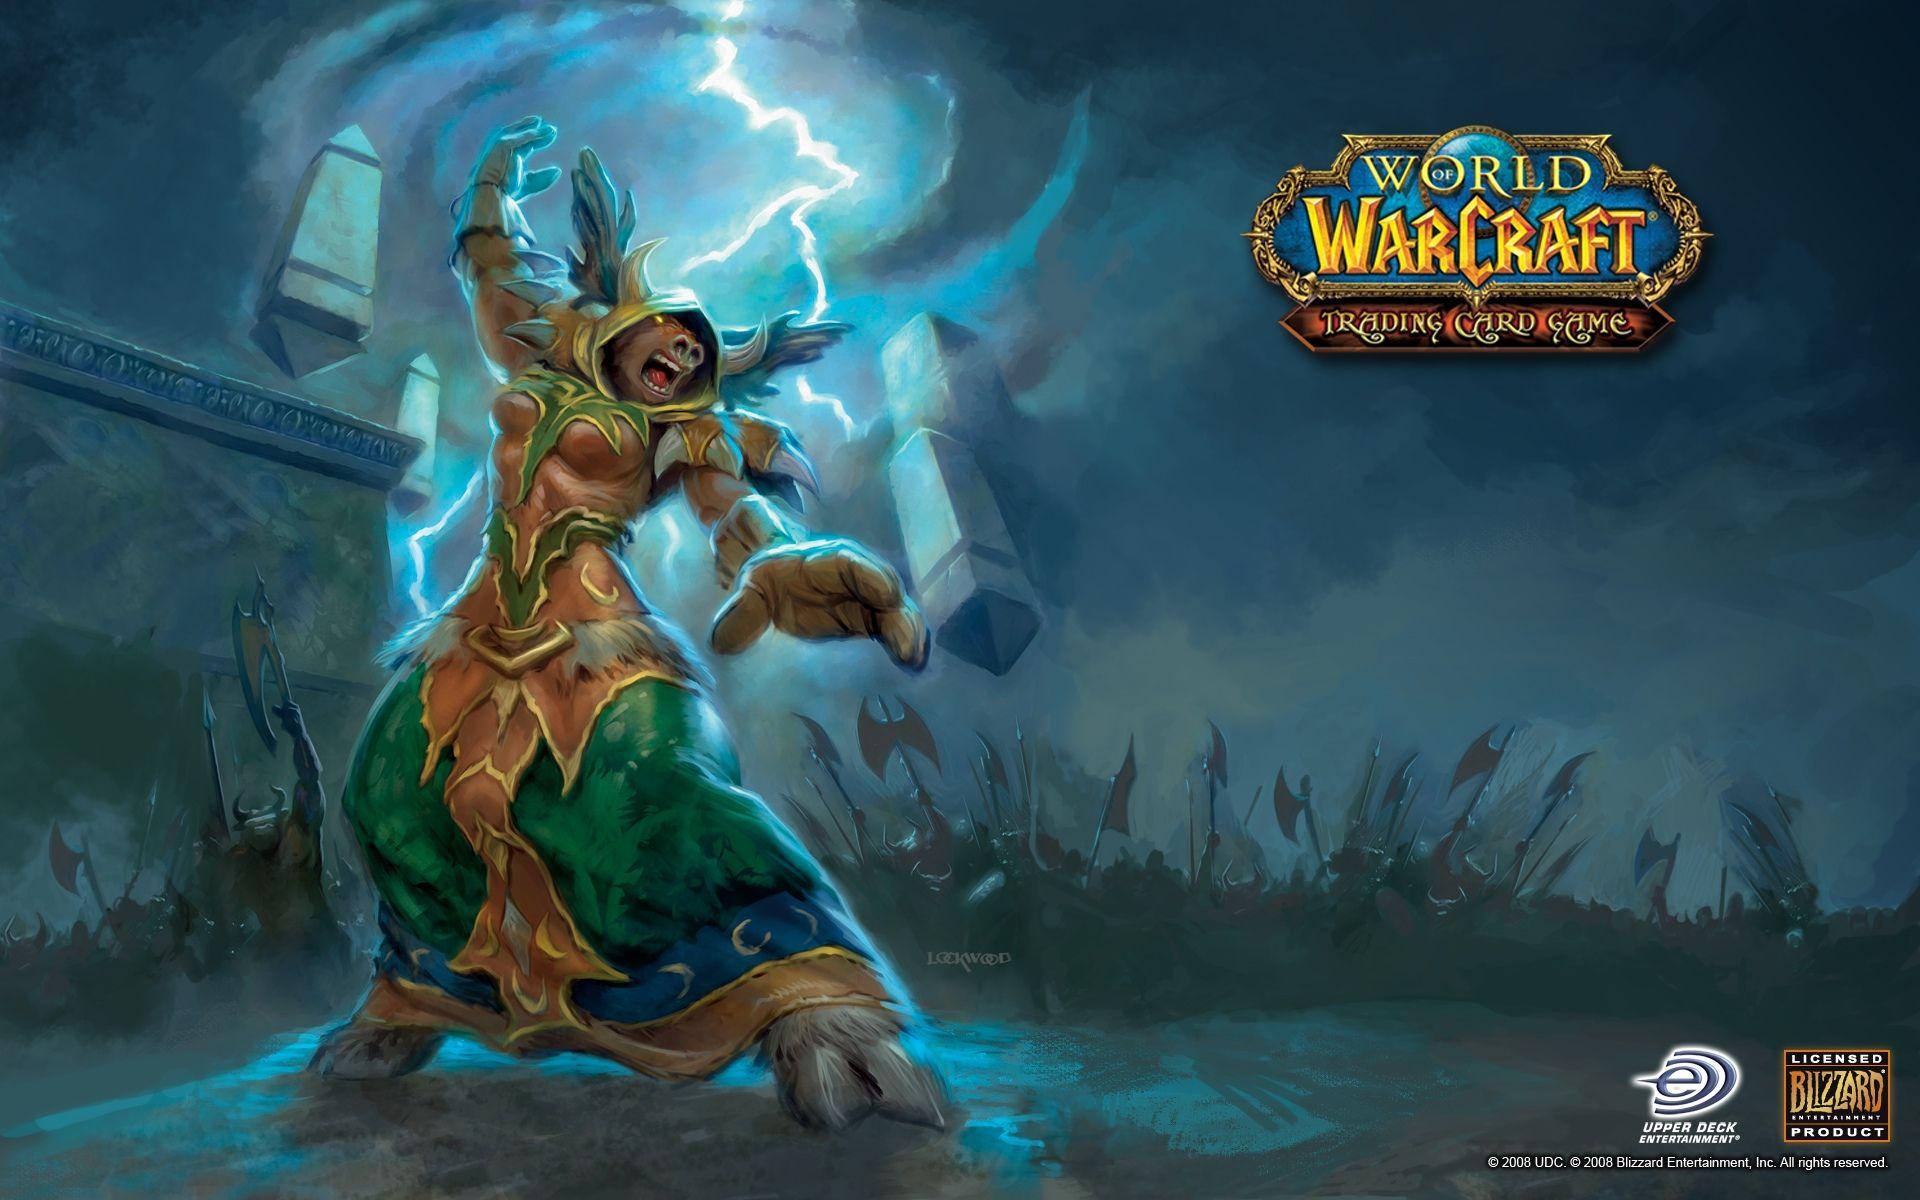 World Of Warcraft Tauren Druid World Of Warcraft Warcraft World Of Warcraft Gold